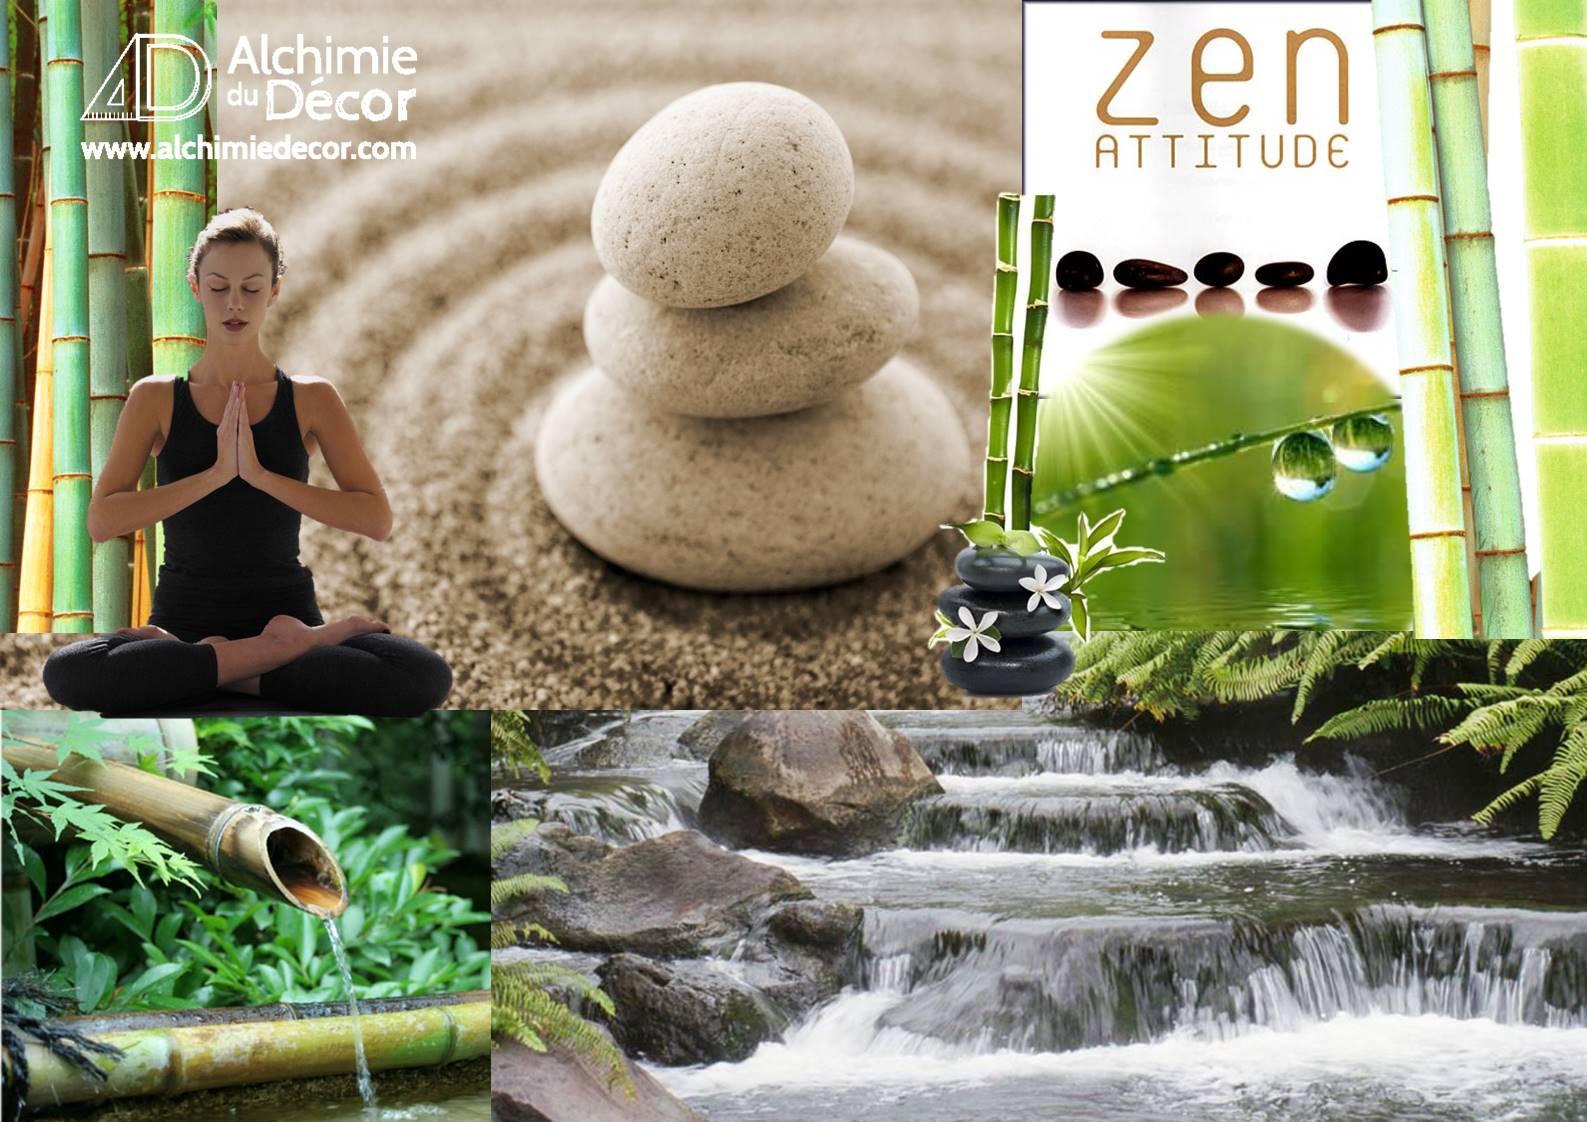 Planche d'ambiance pour le séjour zen ethnique